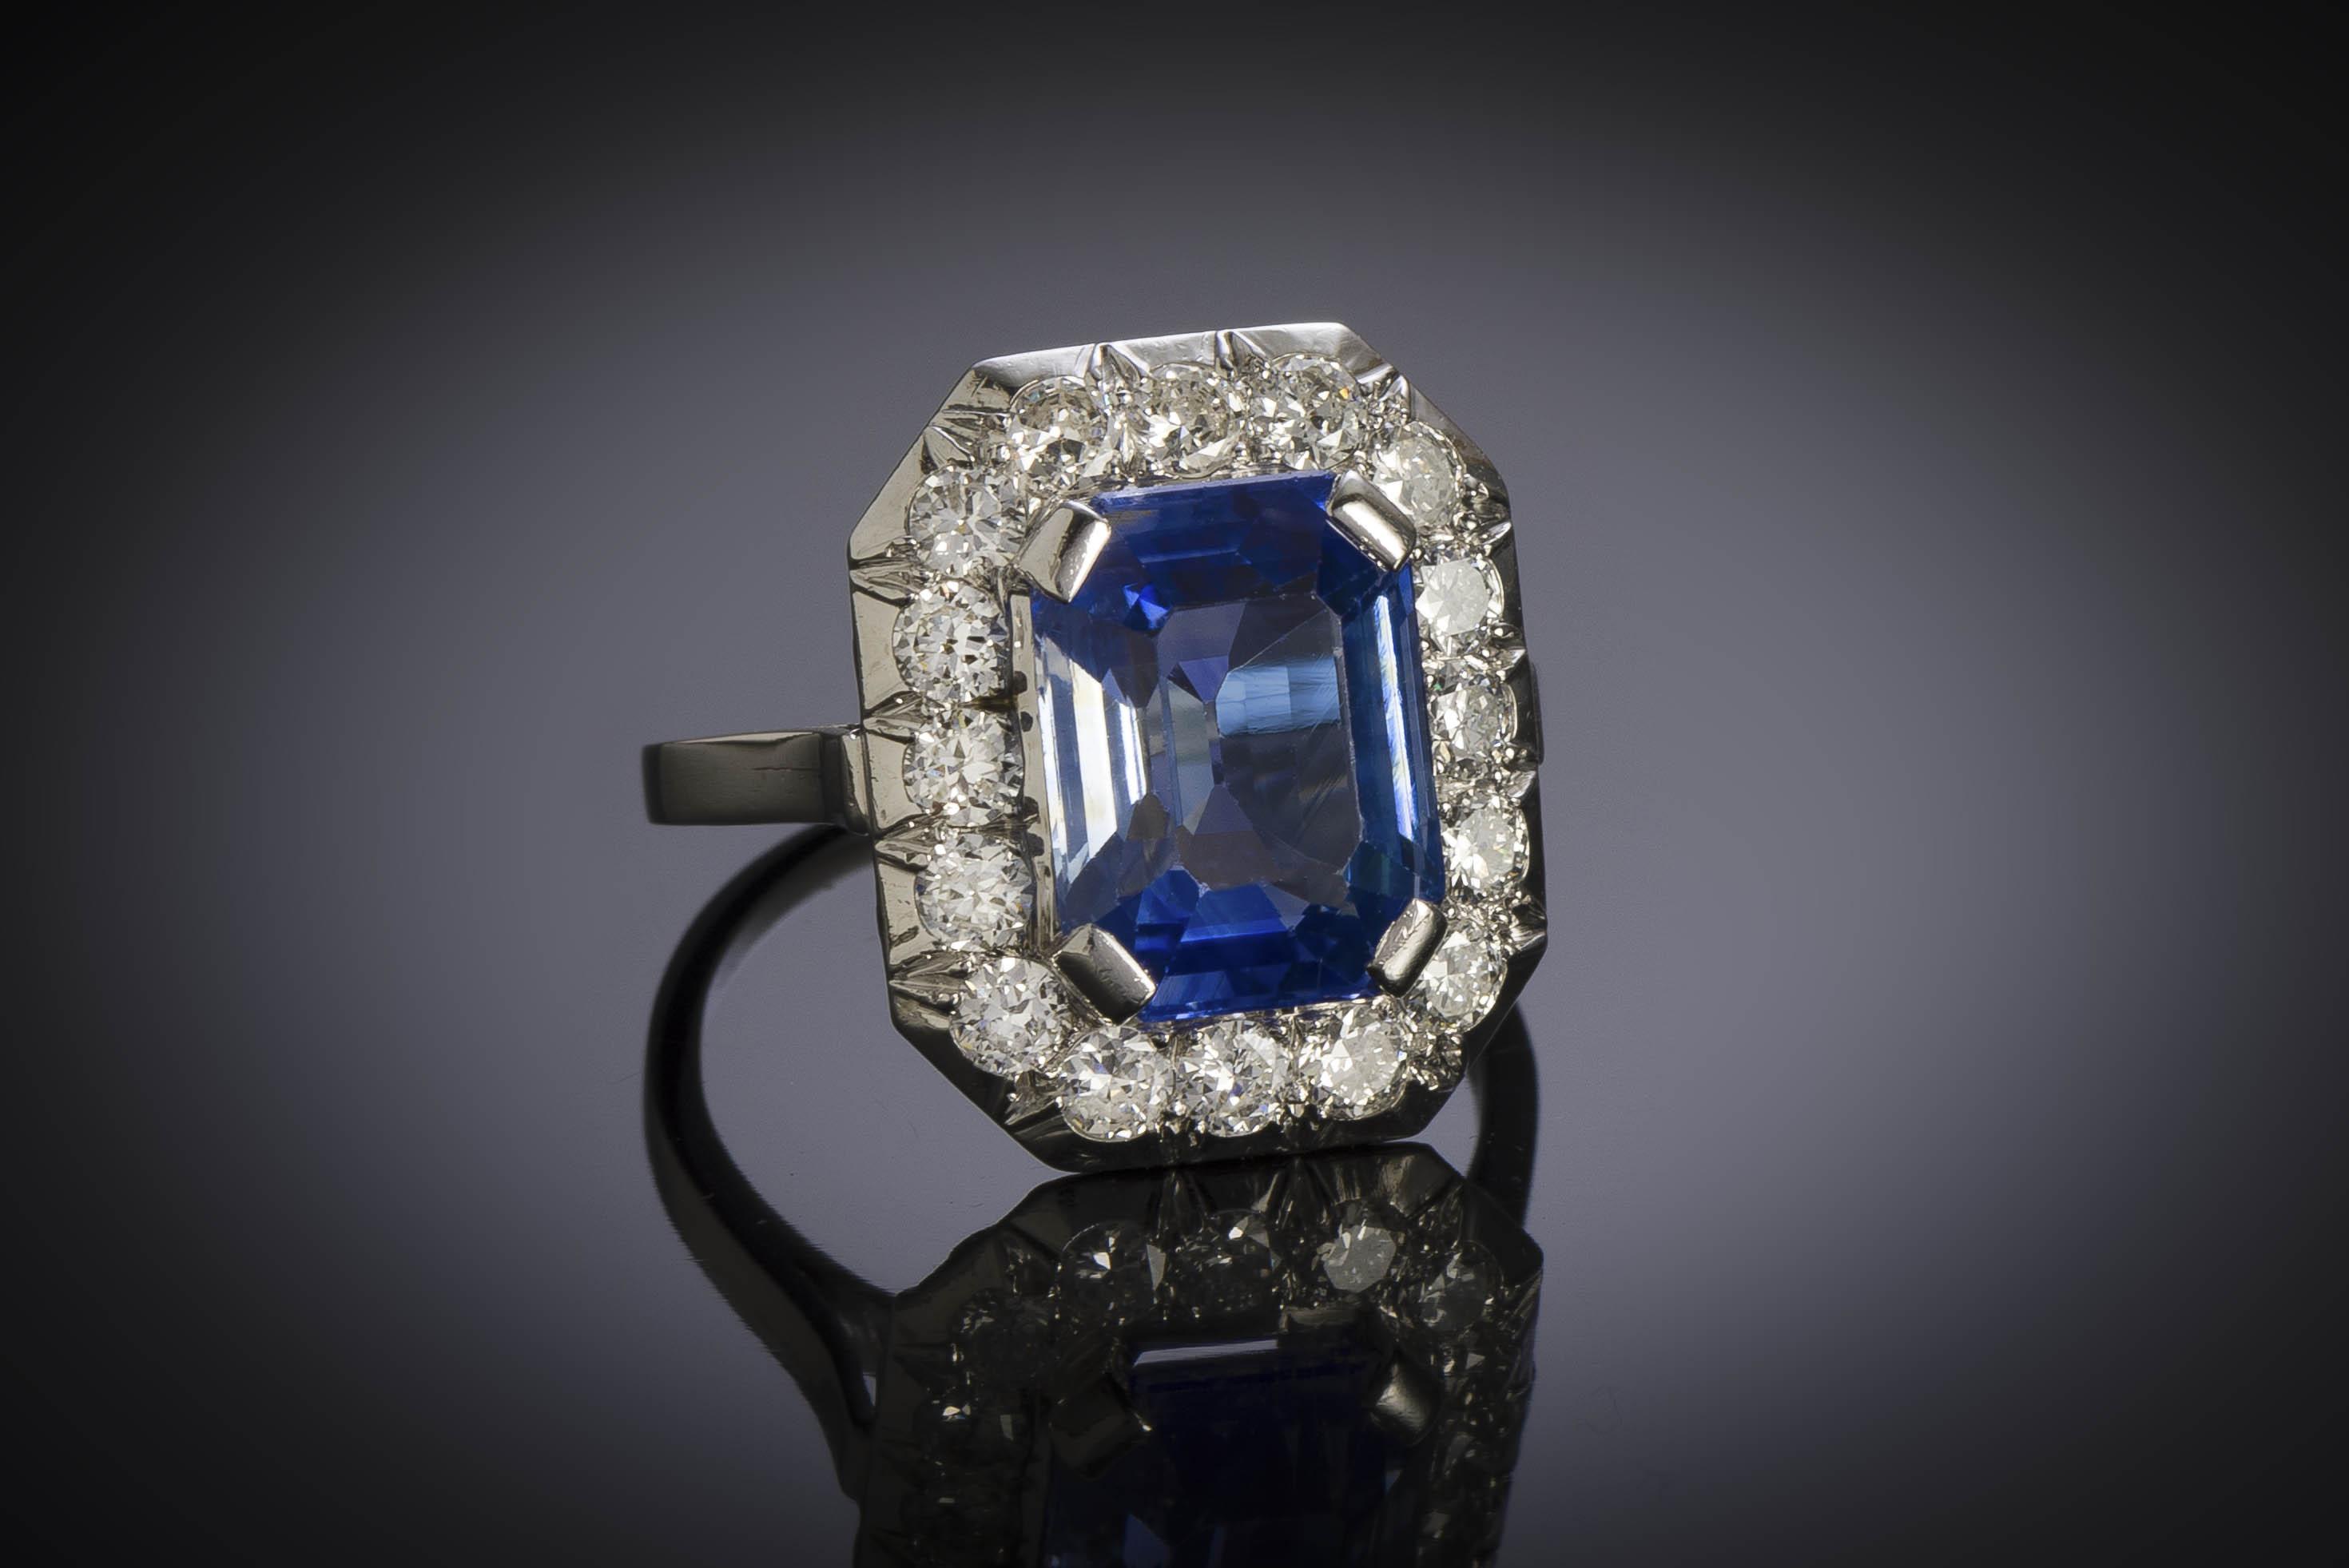 Bague Art Déco saphir naturel bleu intense (5,40 carats, certificat CGL) diamants-1